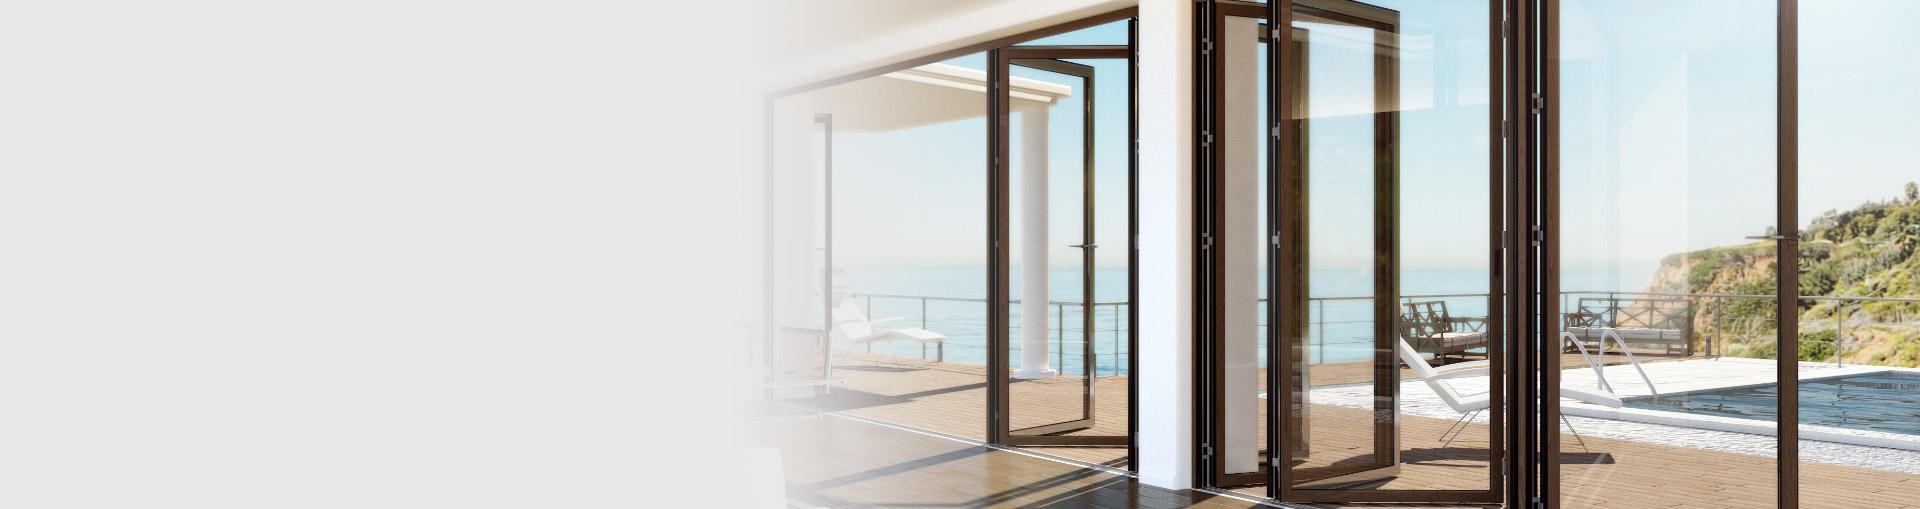 Full Size of Home Fenster Fenster.de